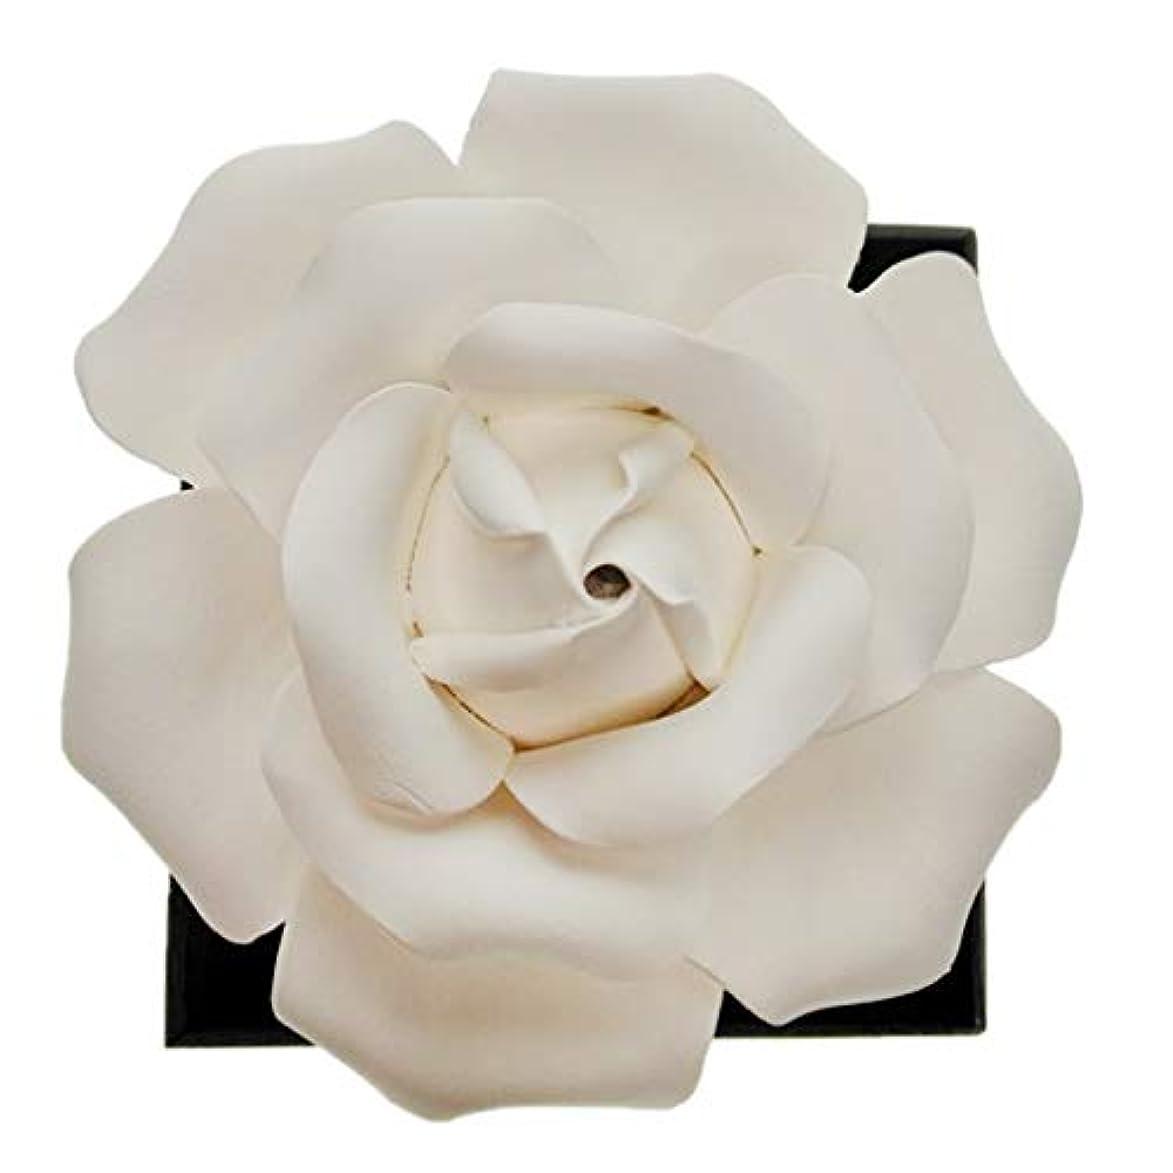 からかう試すシソーラスB Blesiya ローズフラワー エッセンシャルオイル 香水 香りディフューザー 装飾品 工芸品